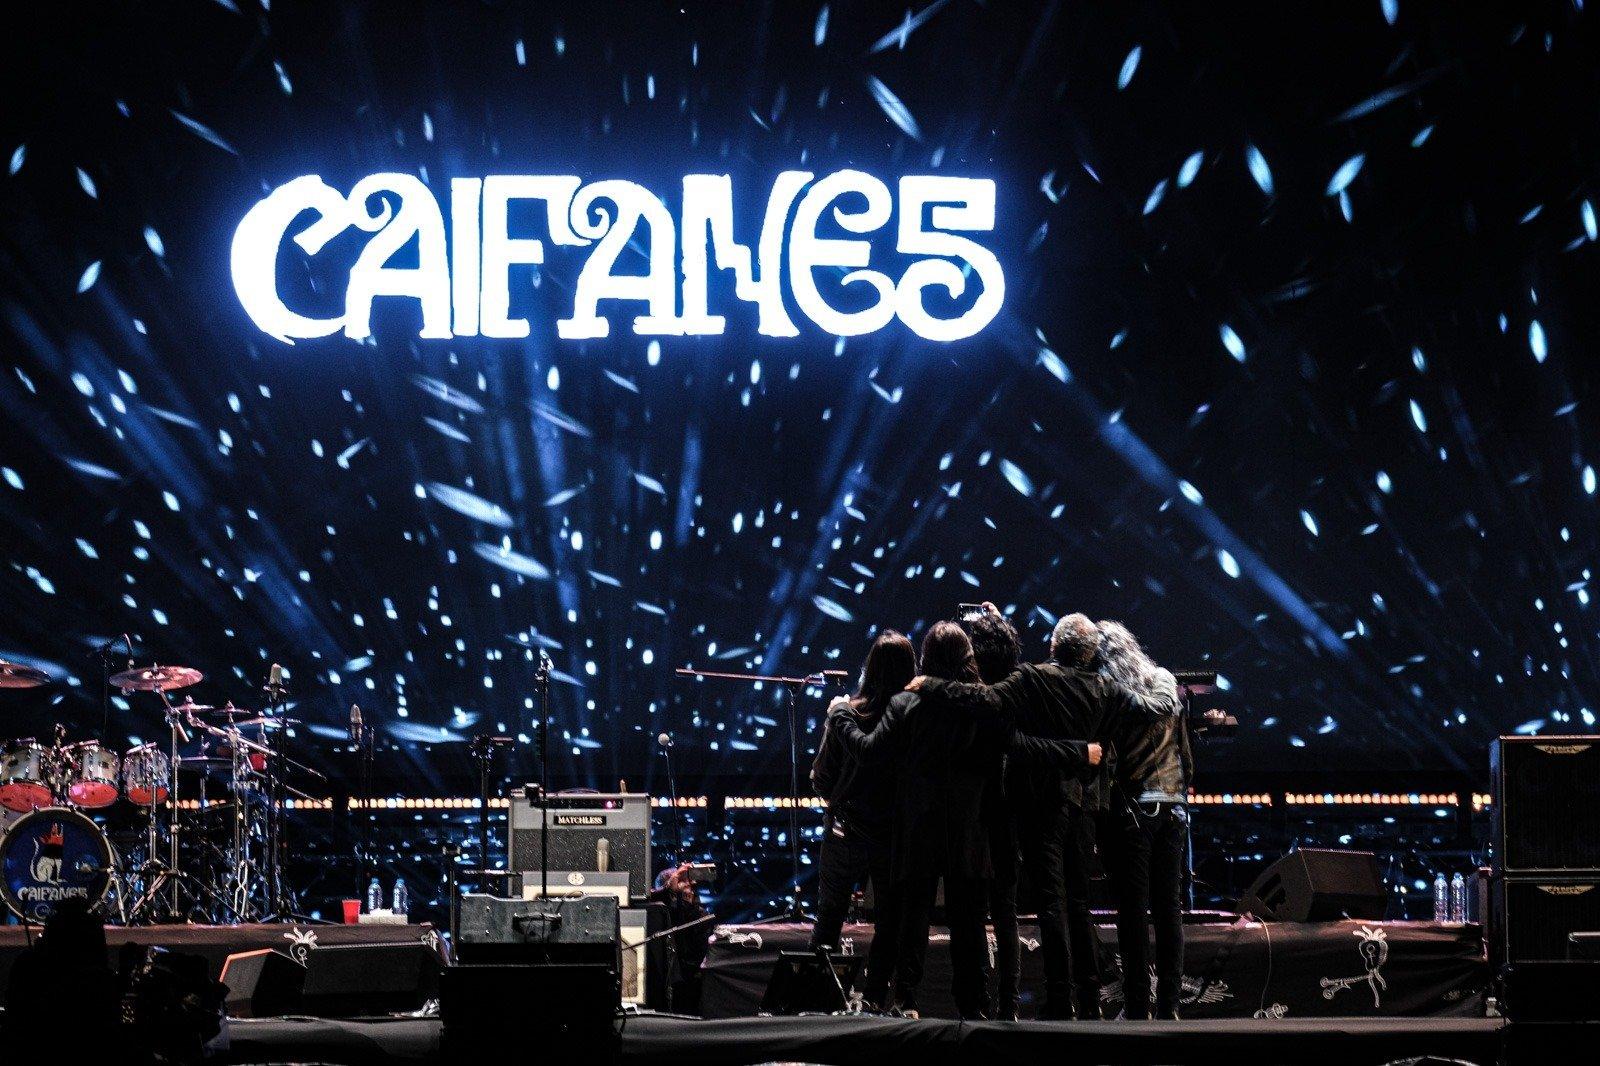 CAIFANESRegresa a los escenarios de la CDMX, Caifanes regresa a los escenarios de la CDMX